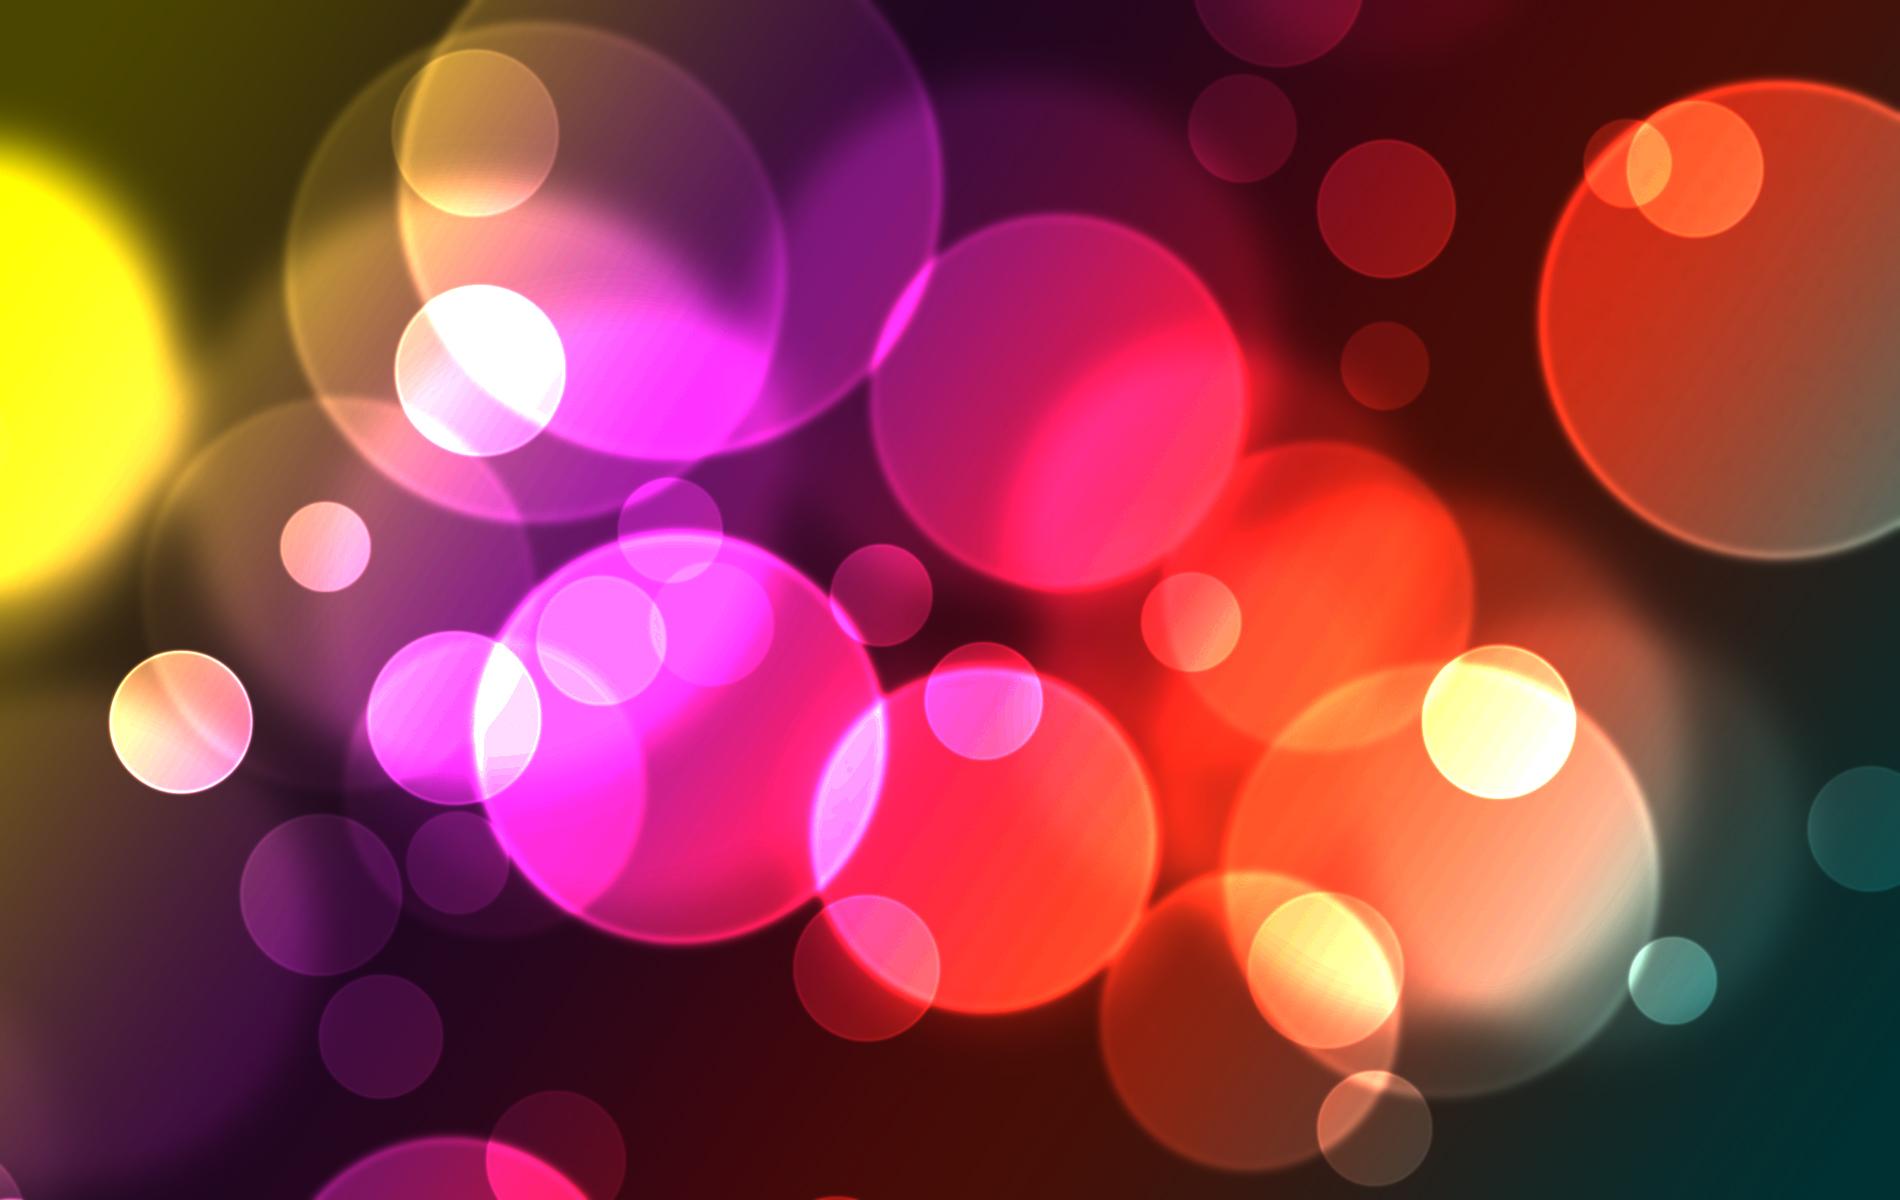 Hd Bubbles Wallpaper Download Hd Pink Bubble Wallpapers Pixelstalk Net